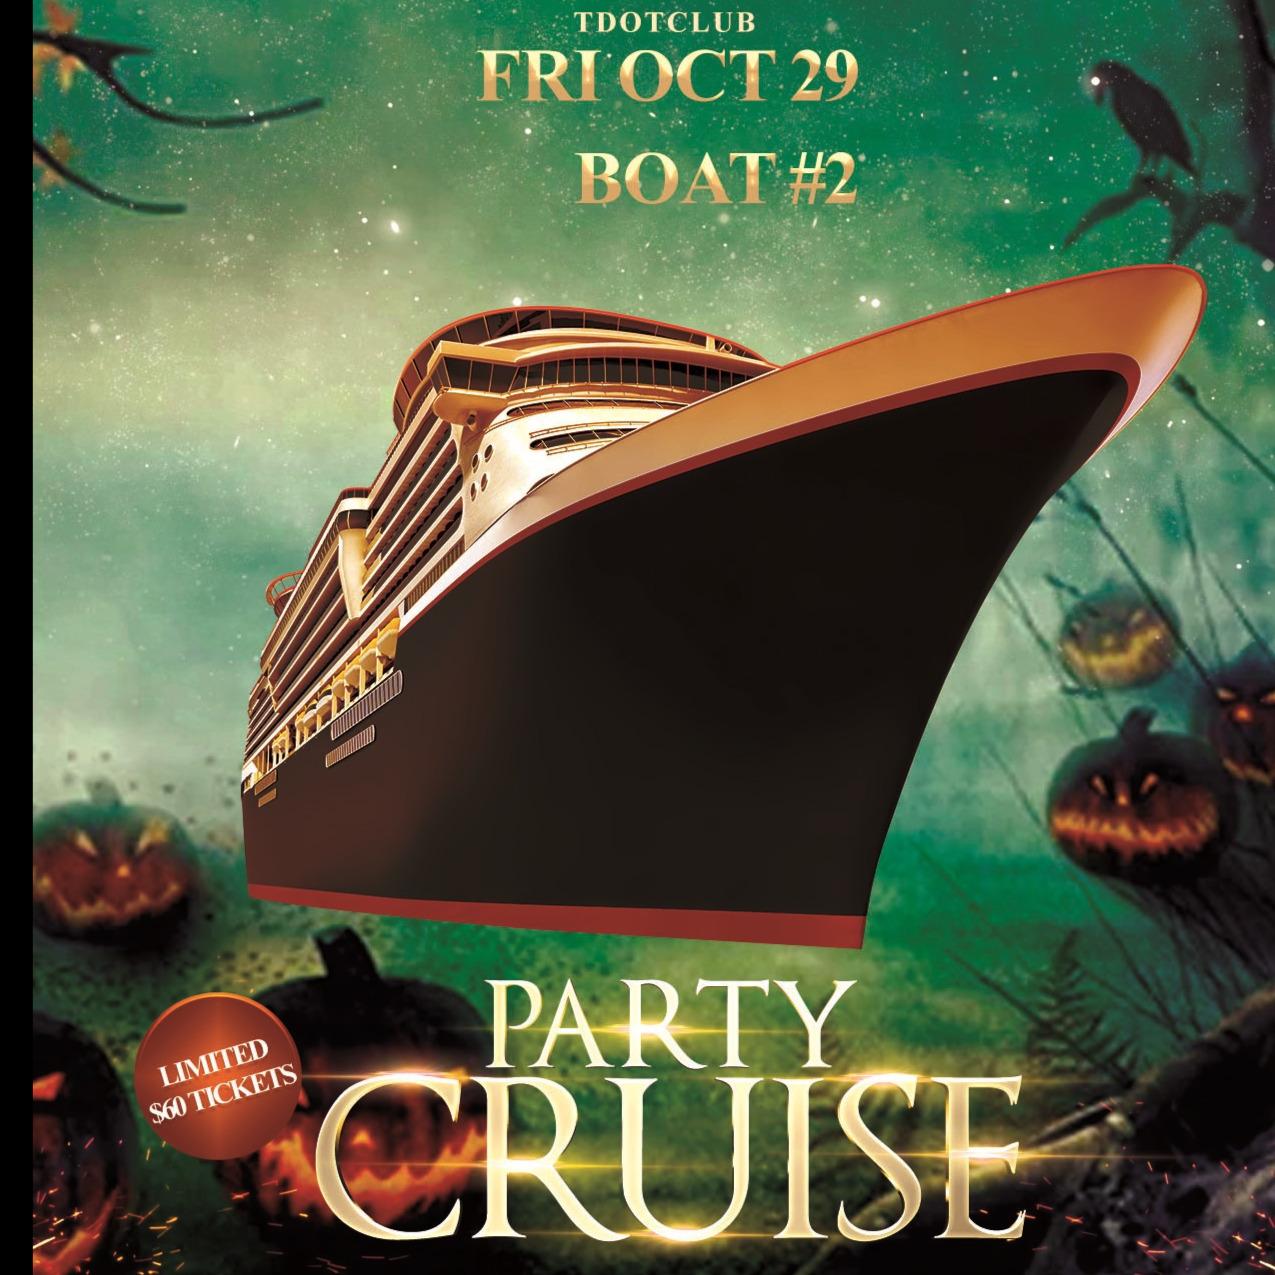 Tdotclub Friday Halloween Boat #2